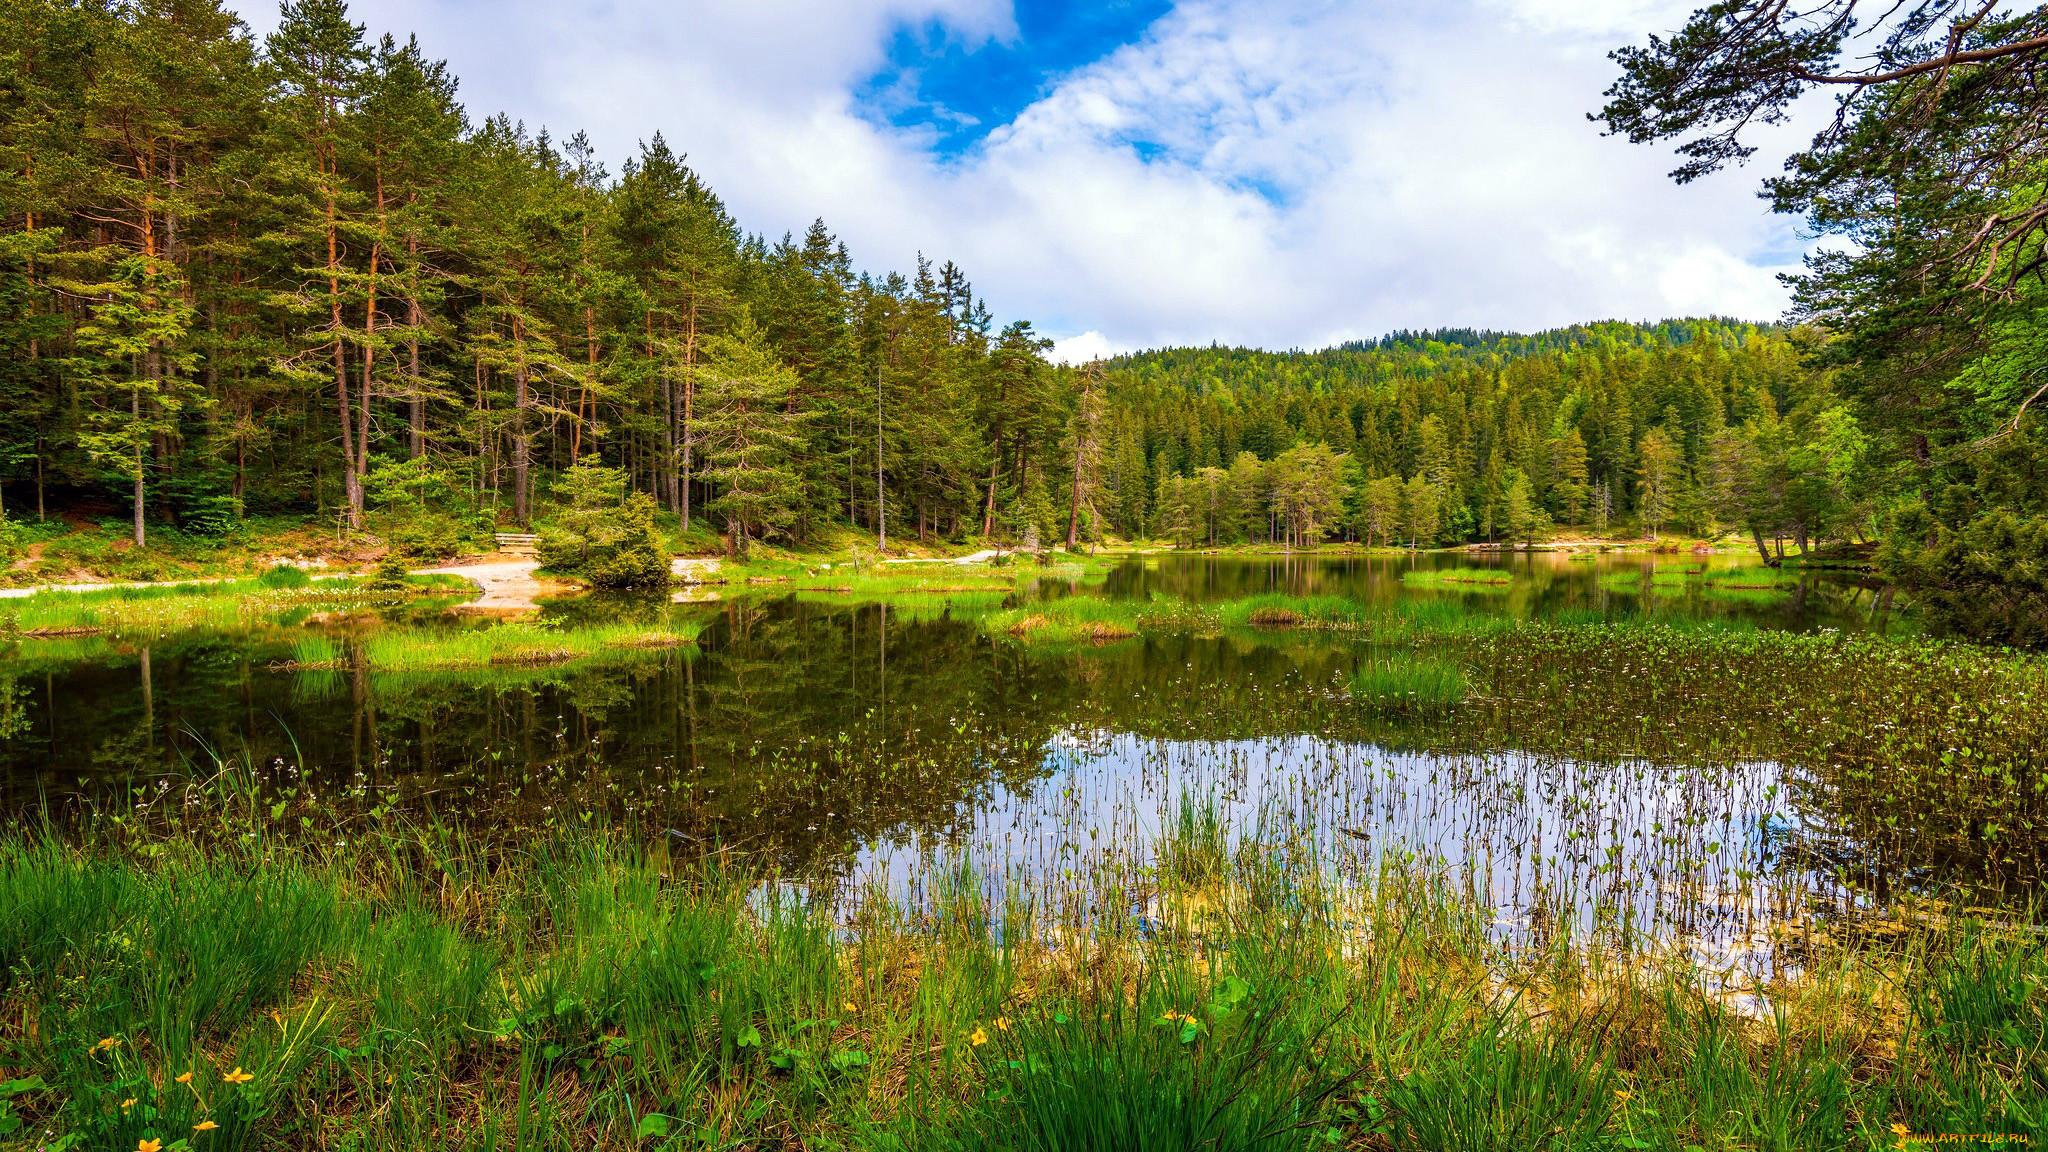 природа, реки, озера, лес, пруд, трава